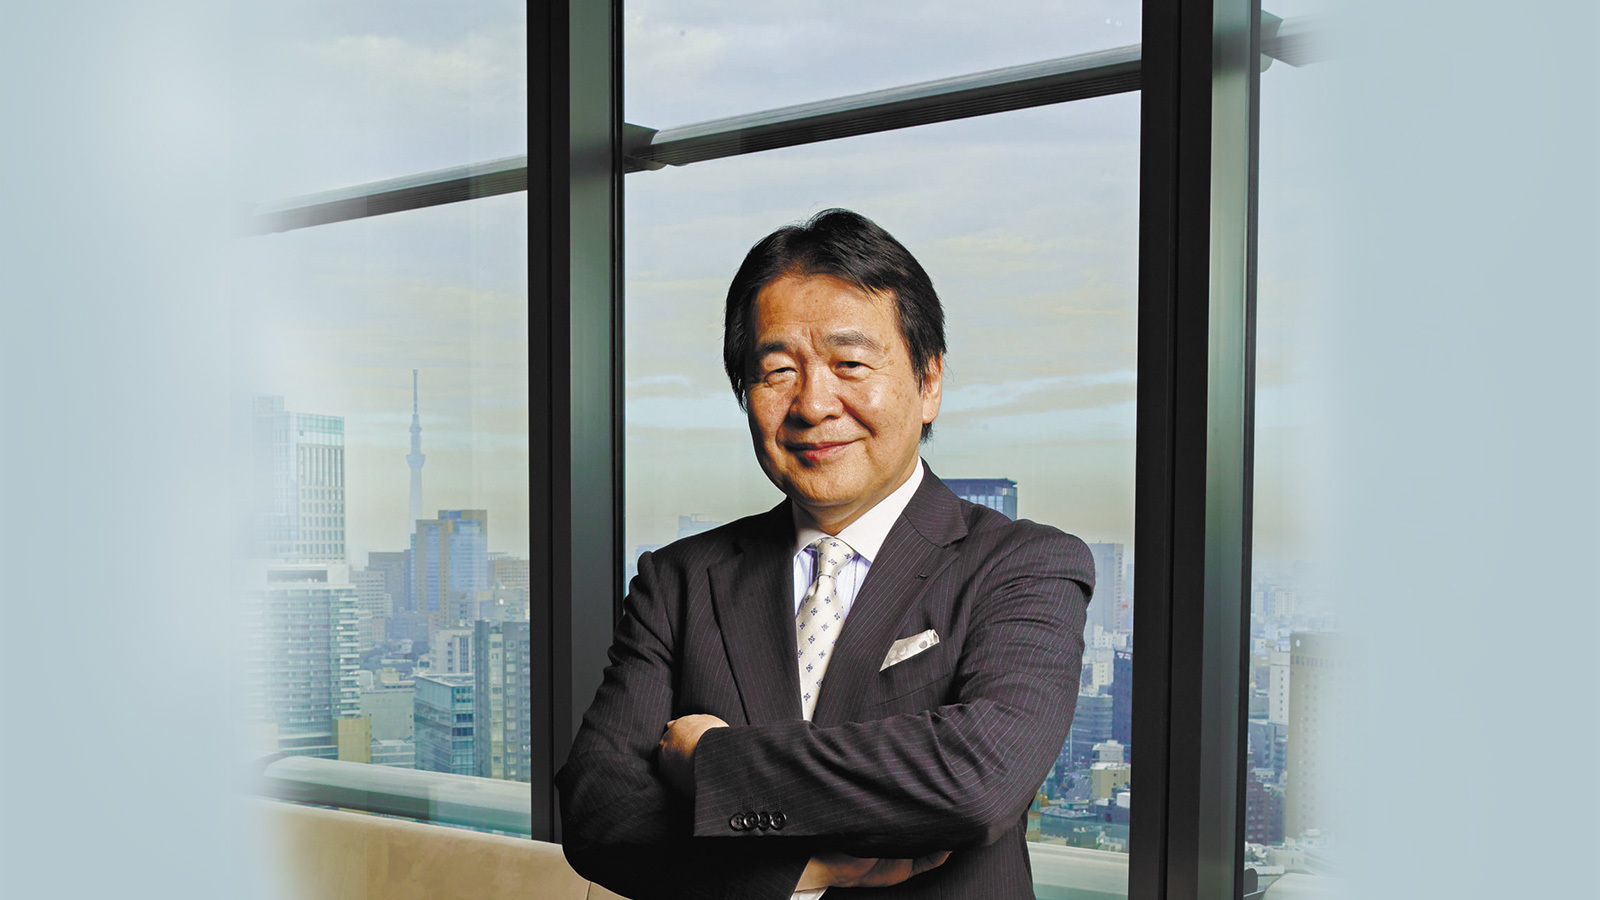 進化し続ける国際都市――「東京」の価値とは 竹中平蔵氏が語る「時代を切り開く3つのキーワード」